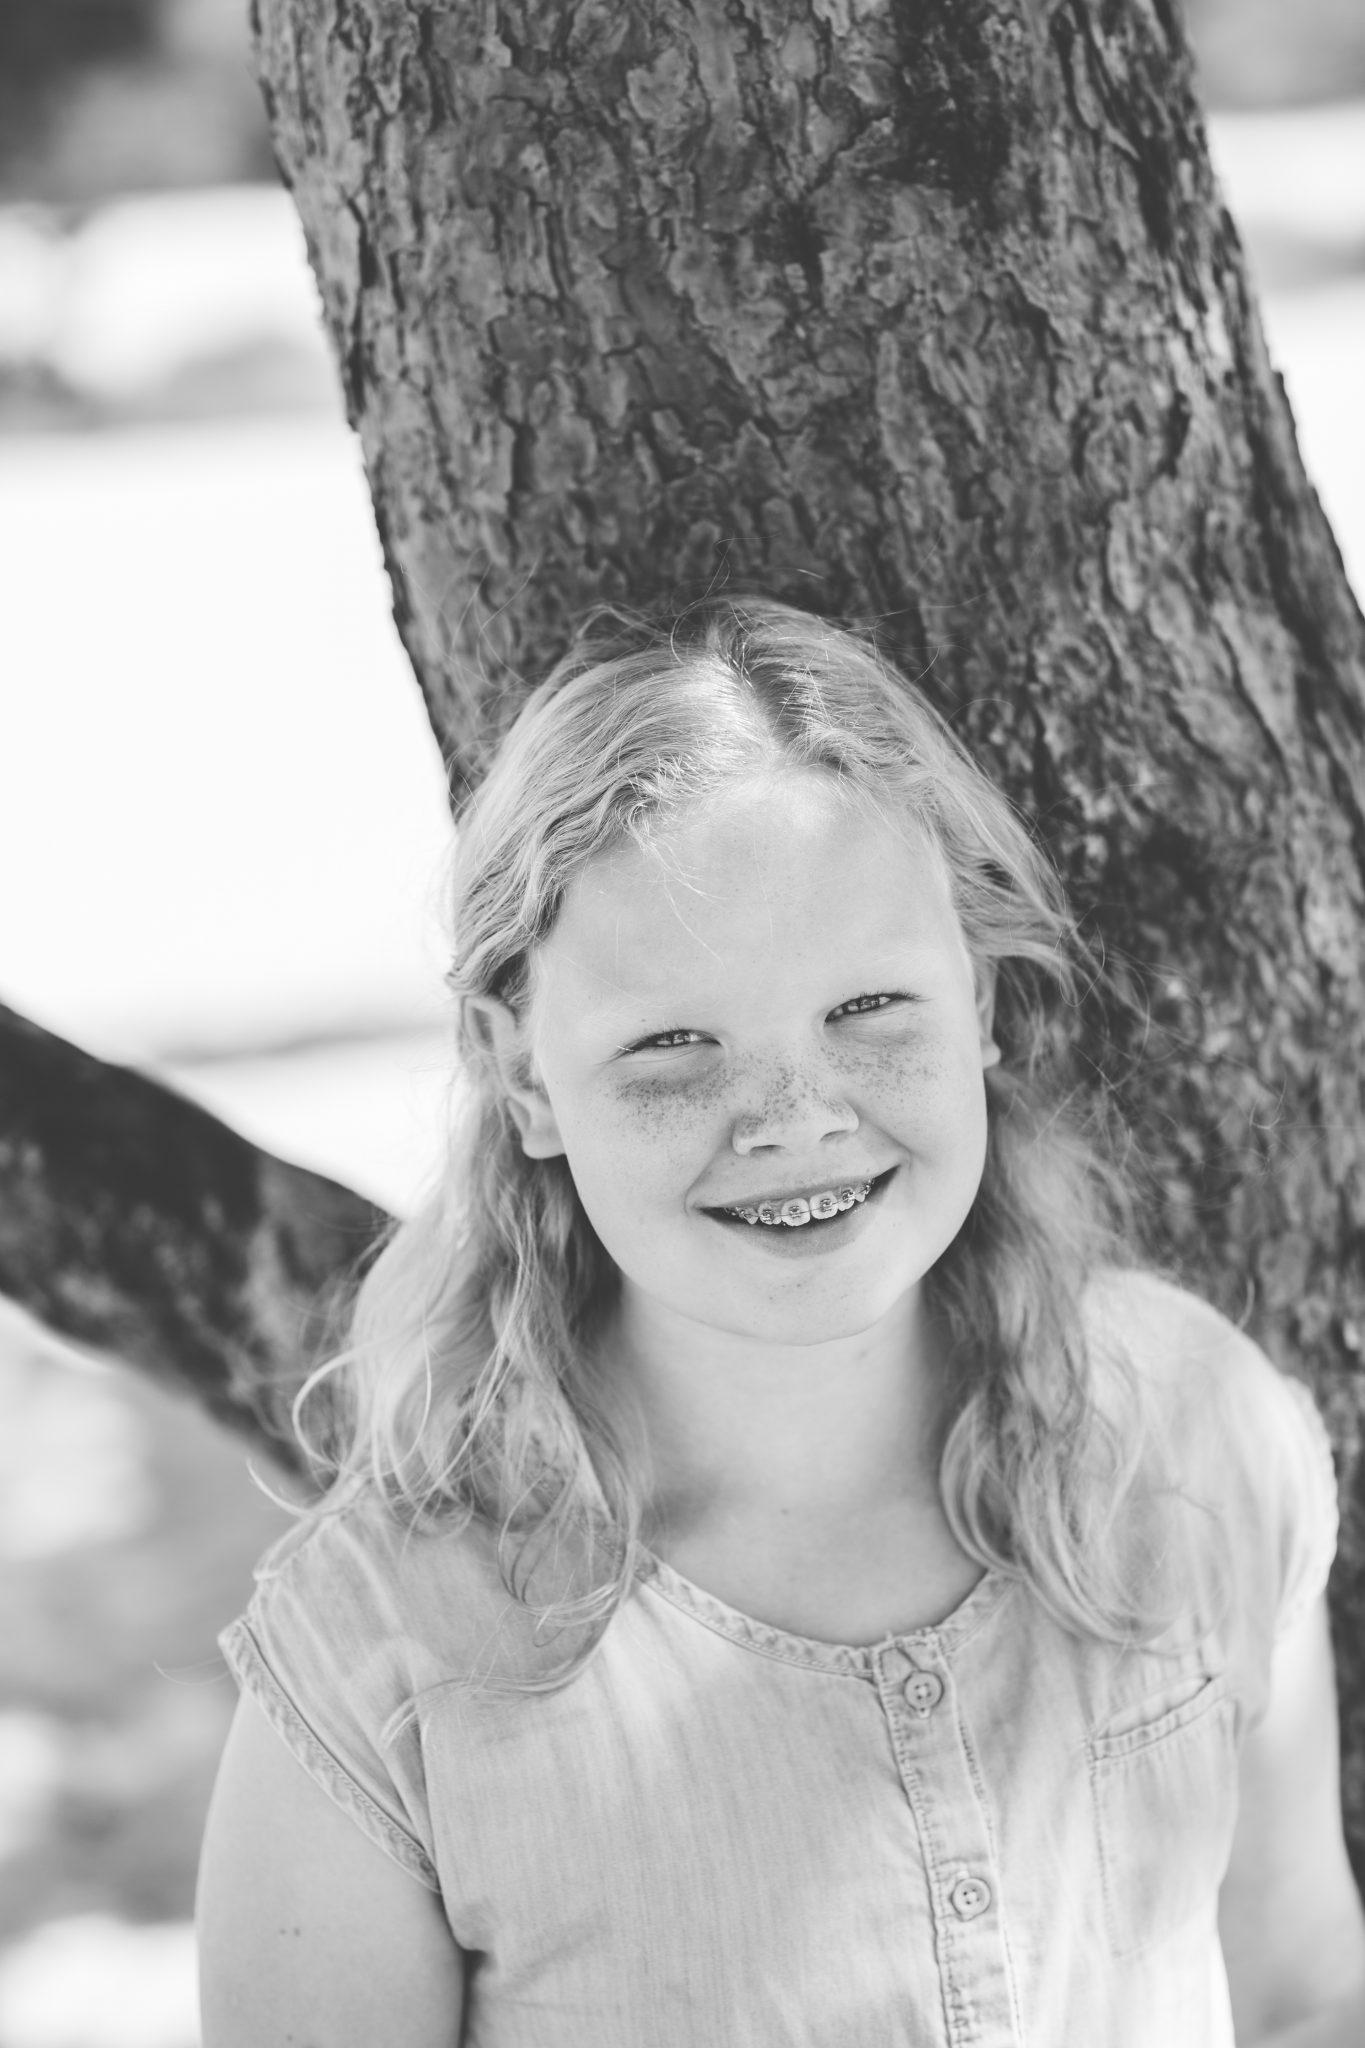 gezinsfotografie op locatie soesterduinen familie kinderportret laura elkhuizen fotografie